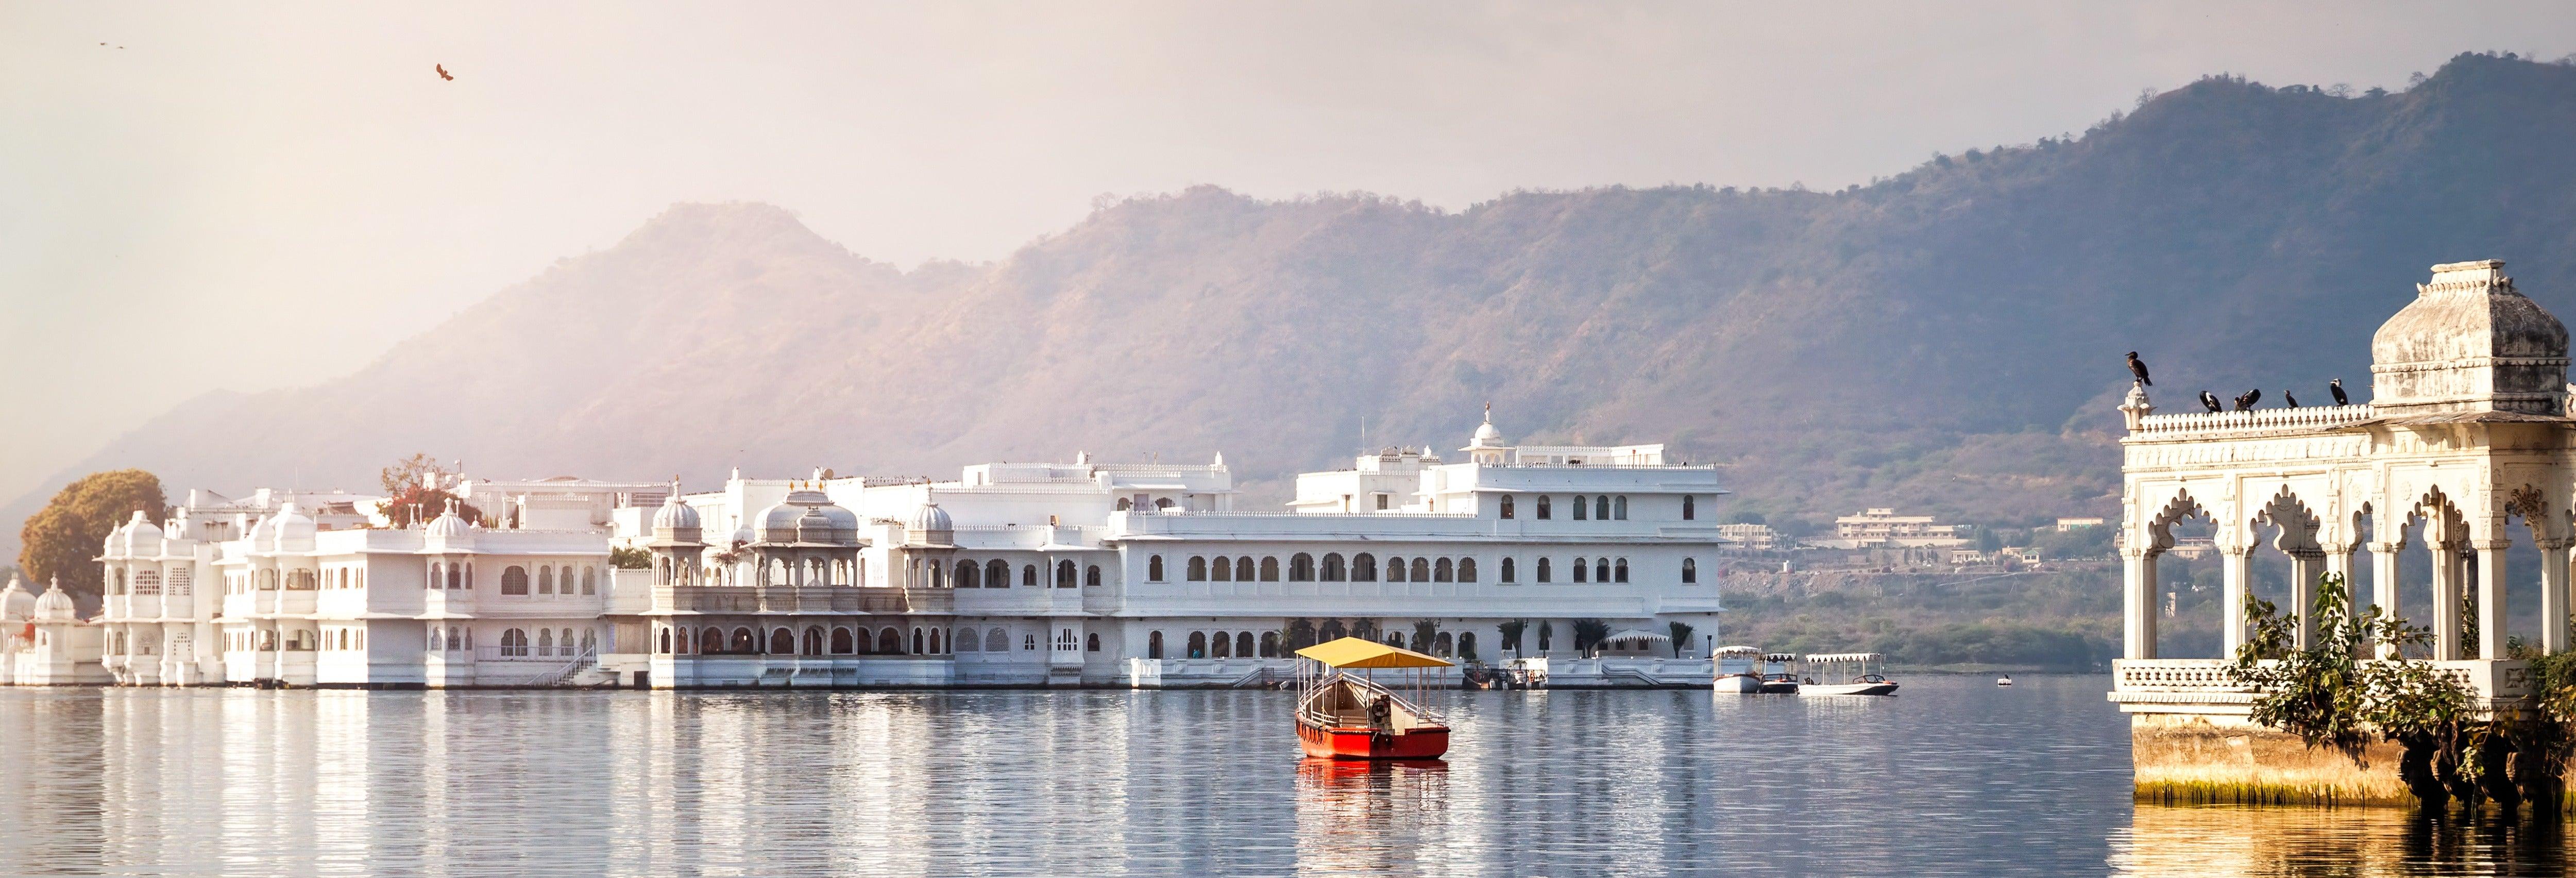 Tour por los ghats y paseo en barco por el lago Pichola